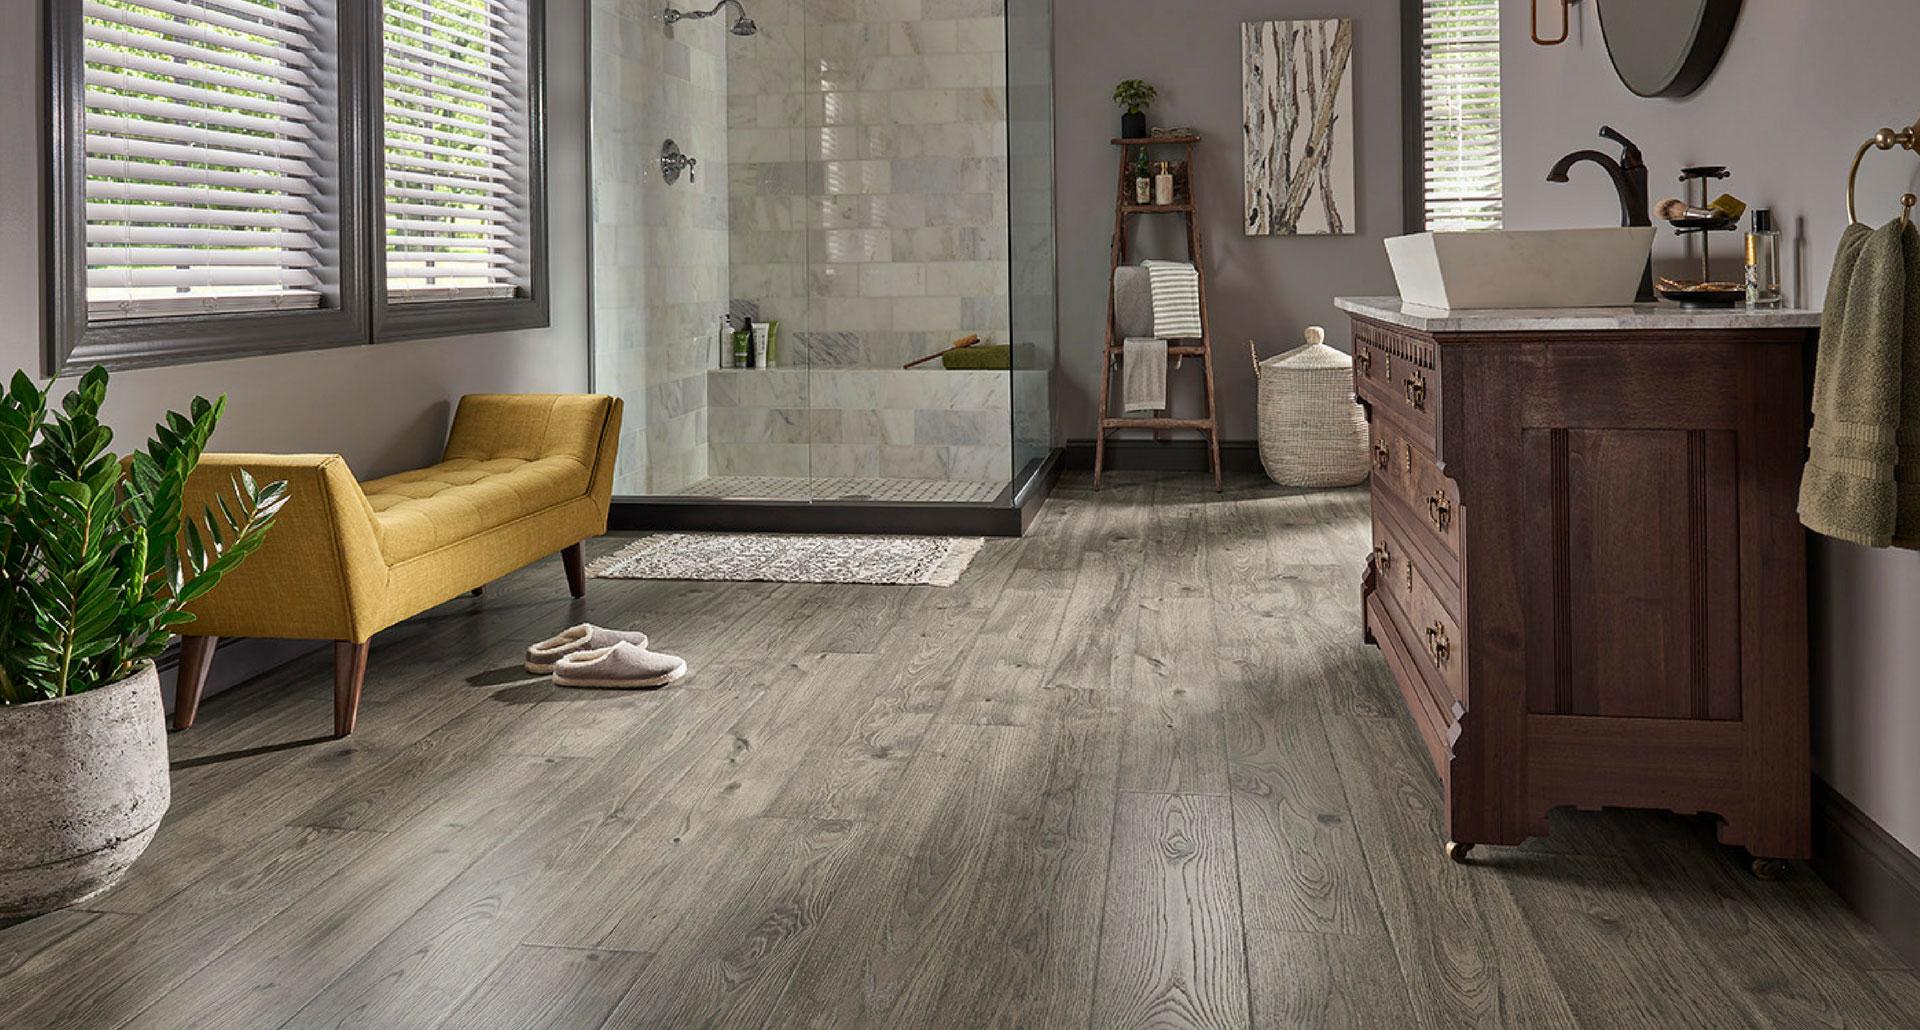 Rigid Core Flooring Laminate Flooring Wpc Flooring Spc